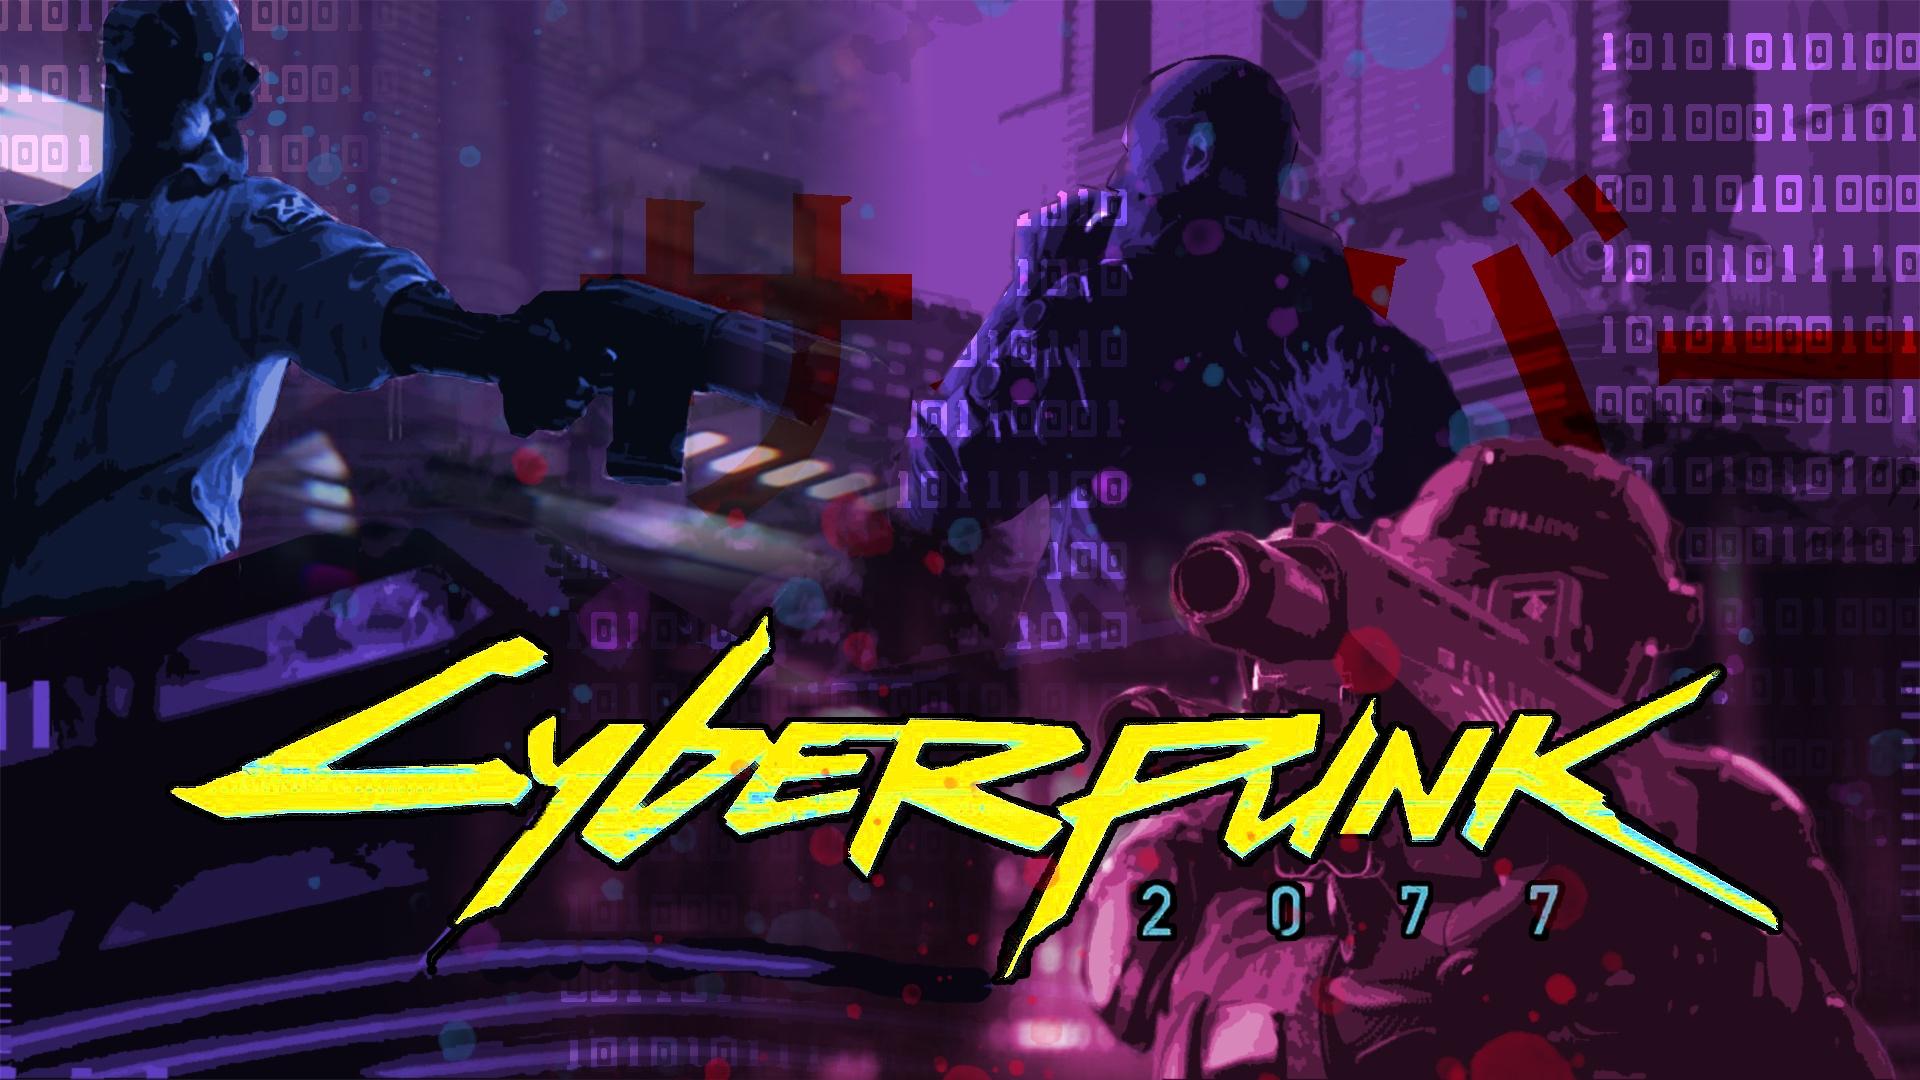 Cyberpunk 2077 4k Wallpaper Images Cyberpunk 2077 Wallpaper Hd 323442 Hd Wallpaper Backgrounds Download